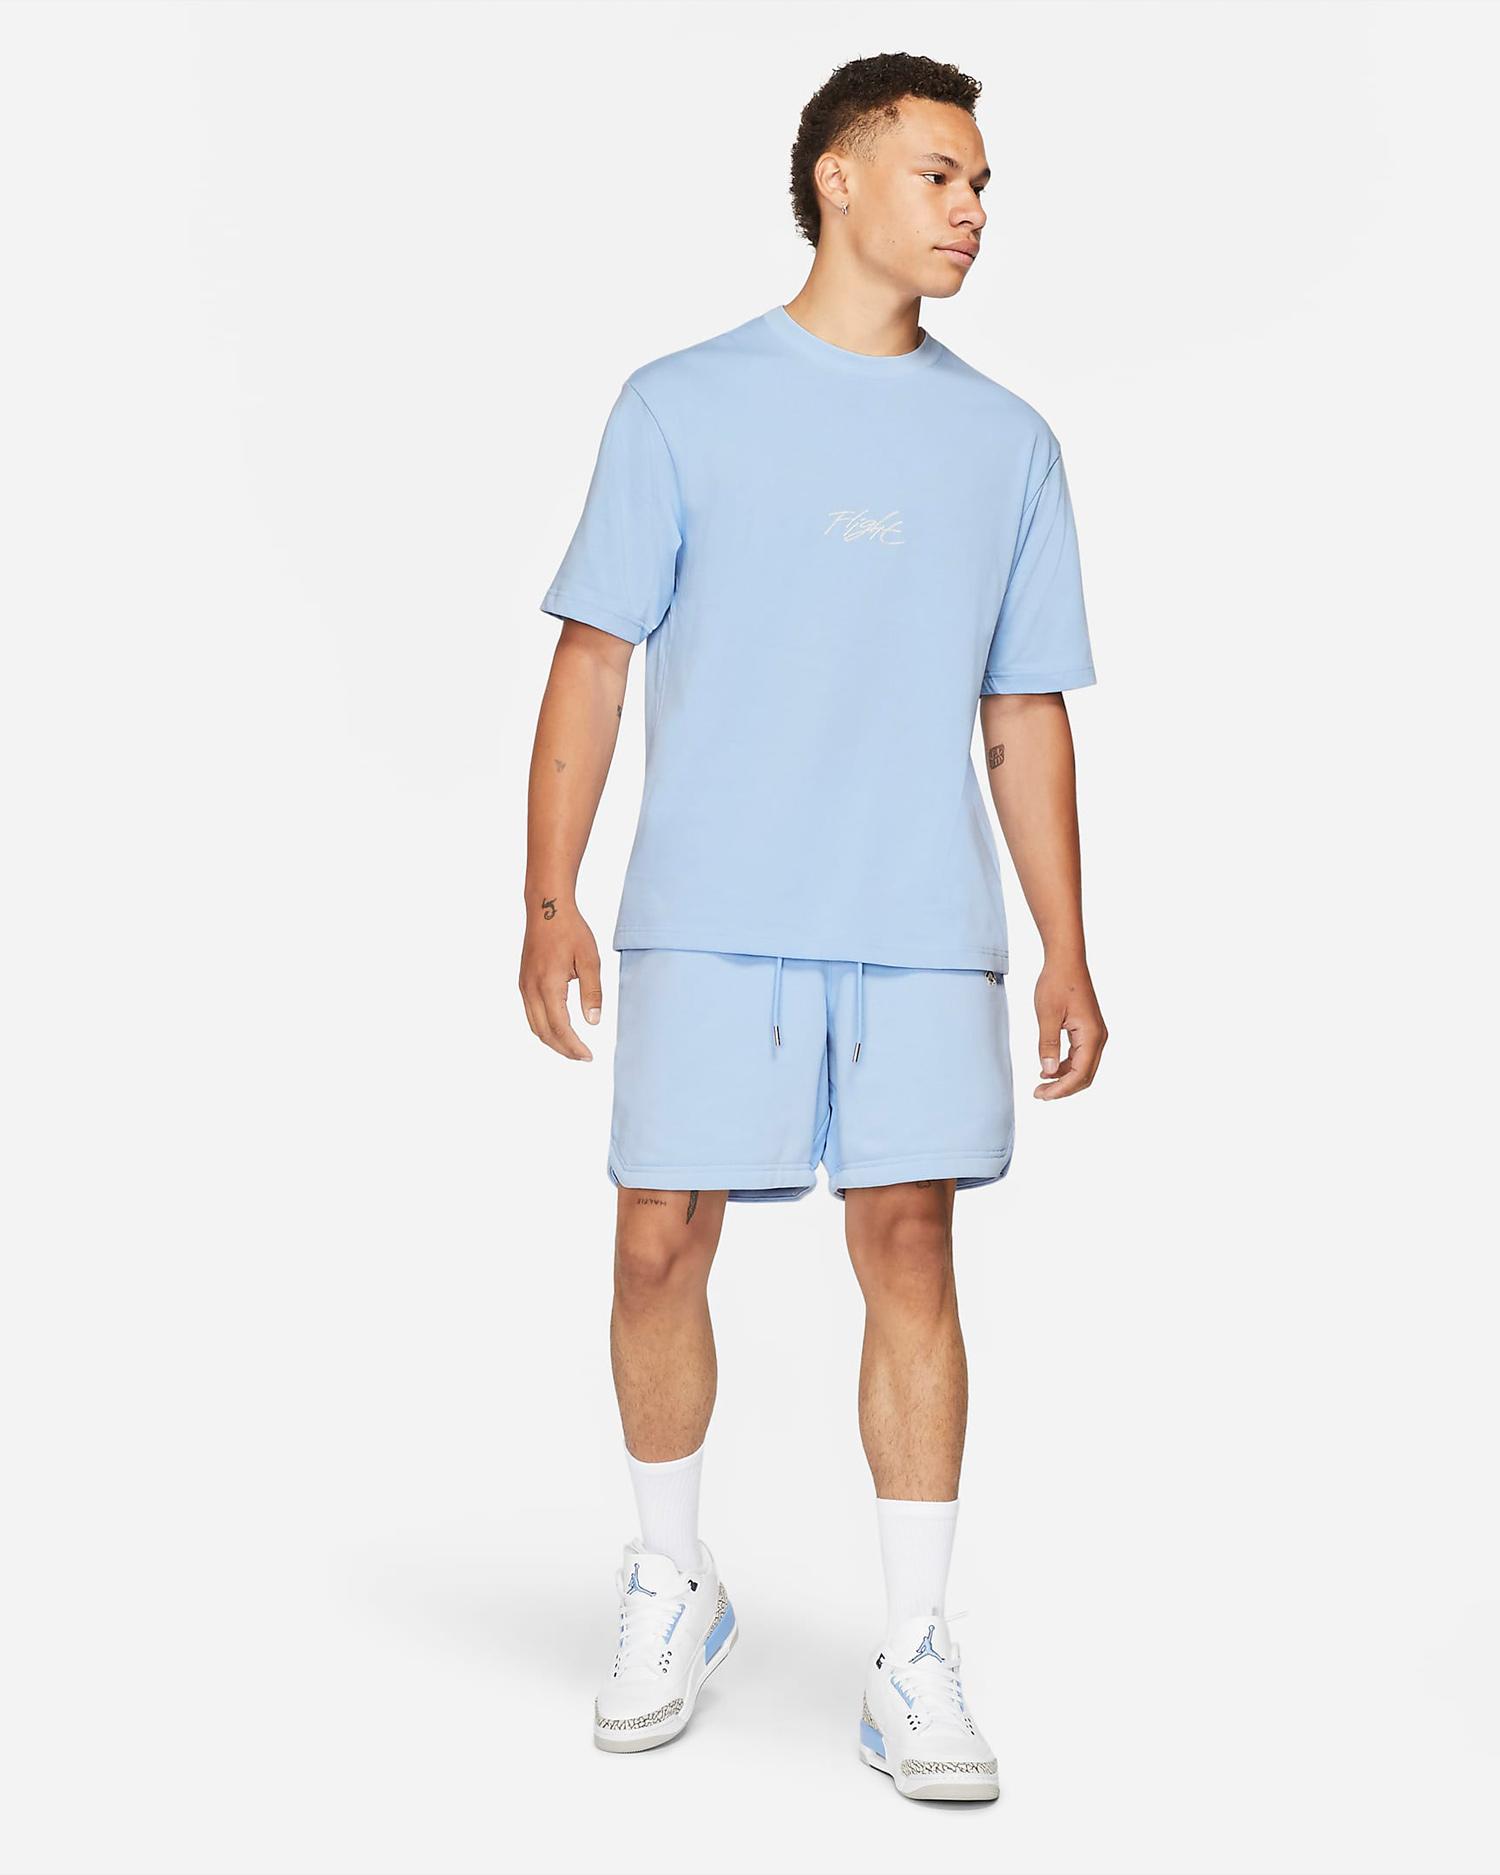 jordan-aluminum-blue-shirt-shorts-outfit